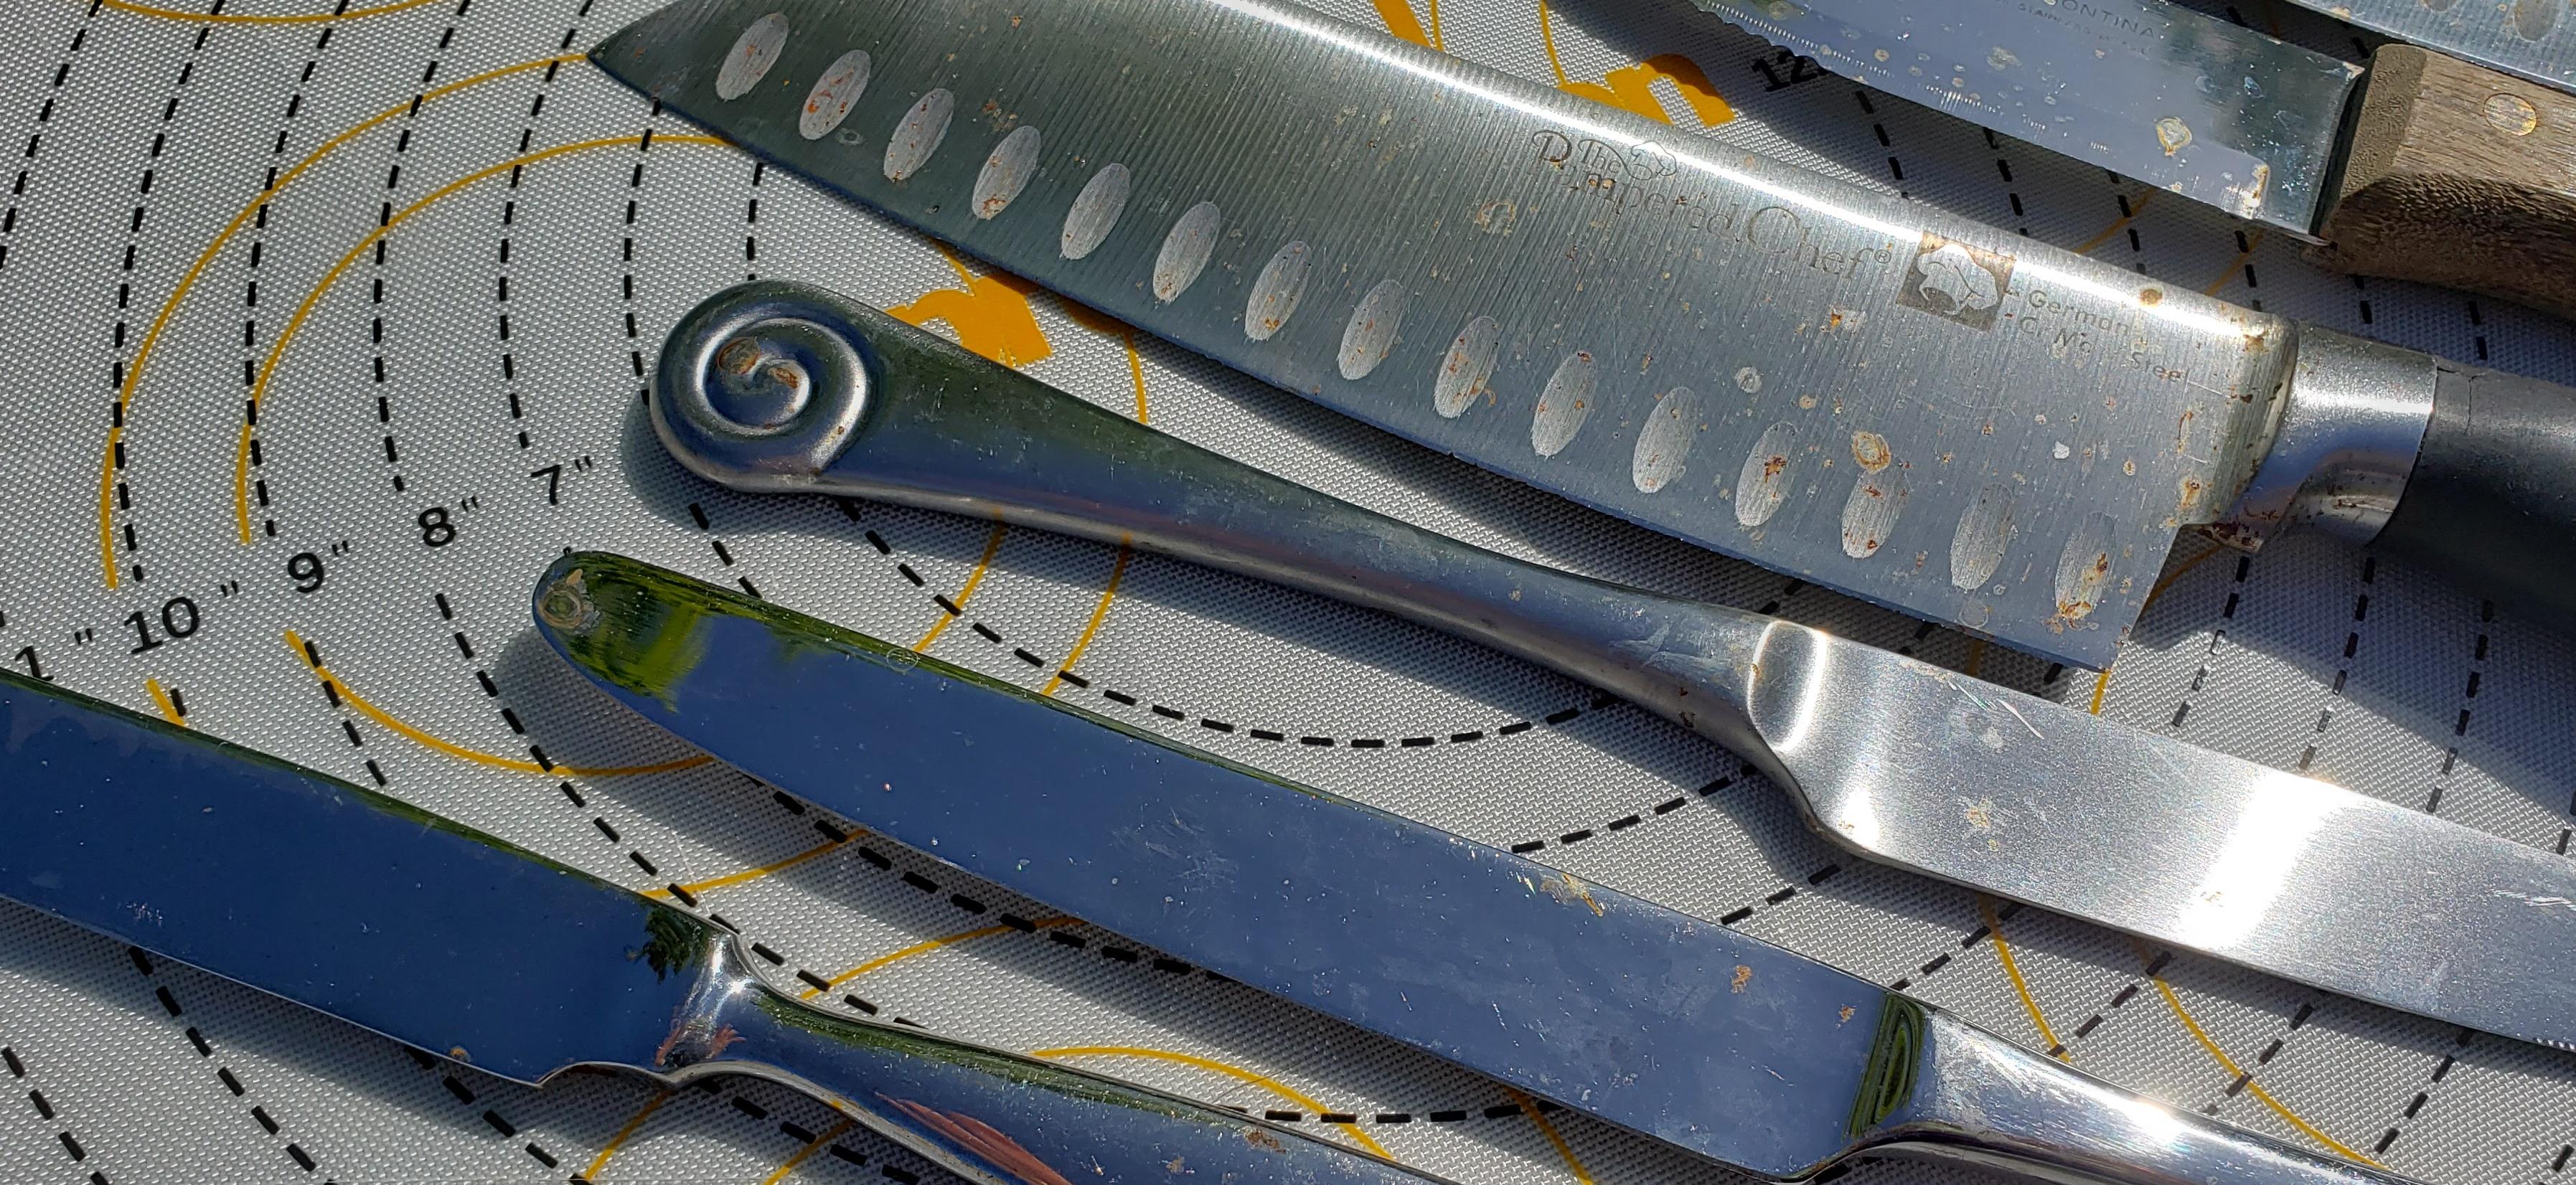 rusty knives